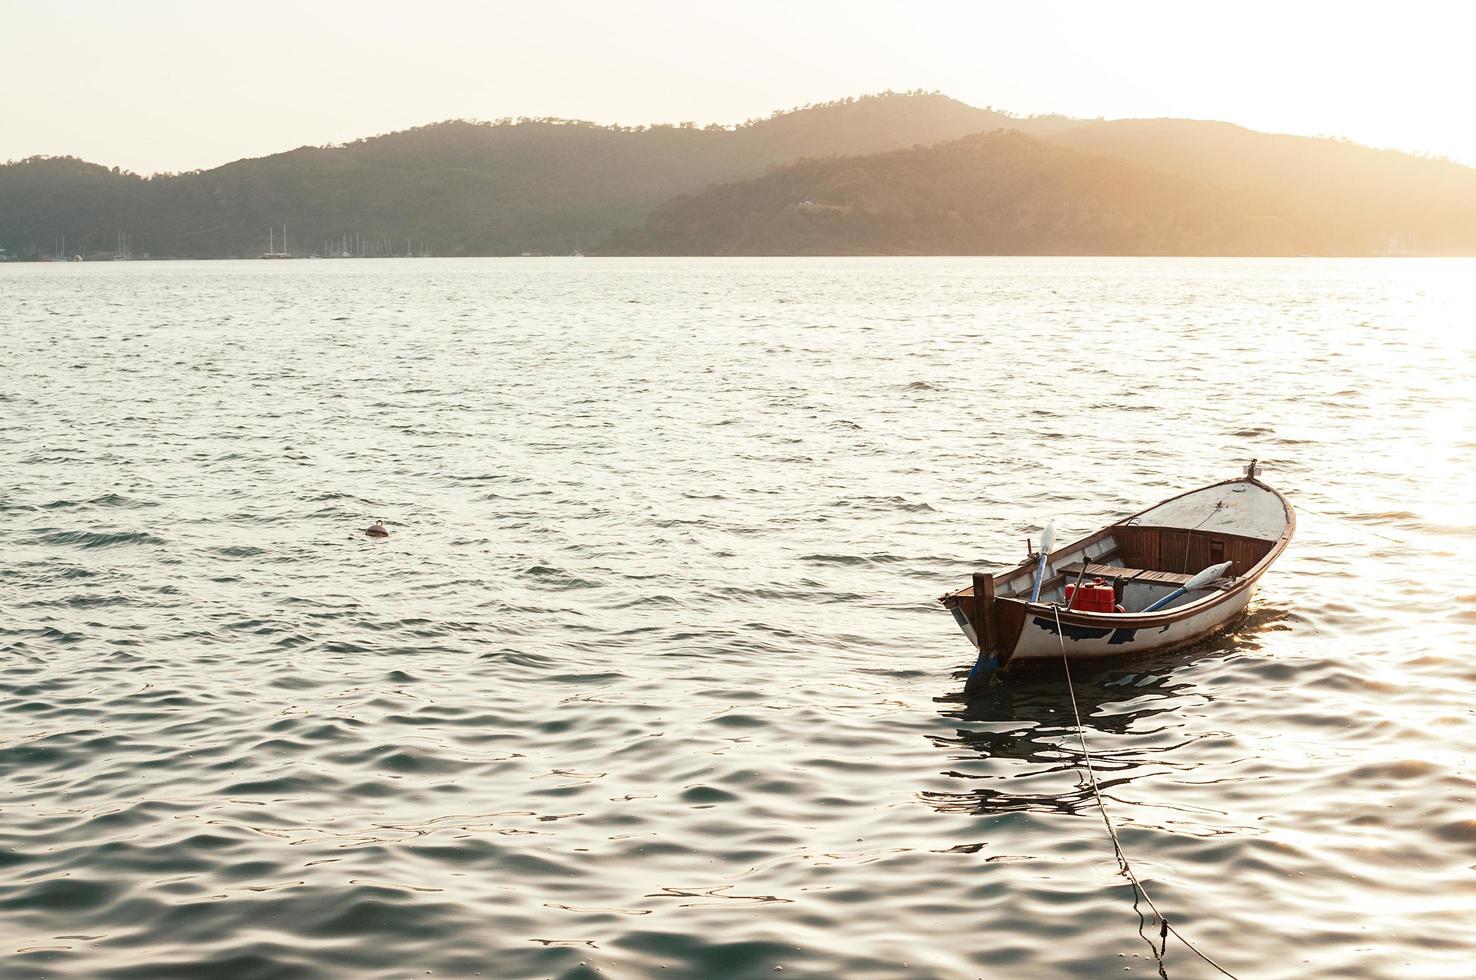 vieux bateau à rames en bois sur l'eau au coucher du soleil photo